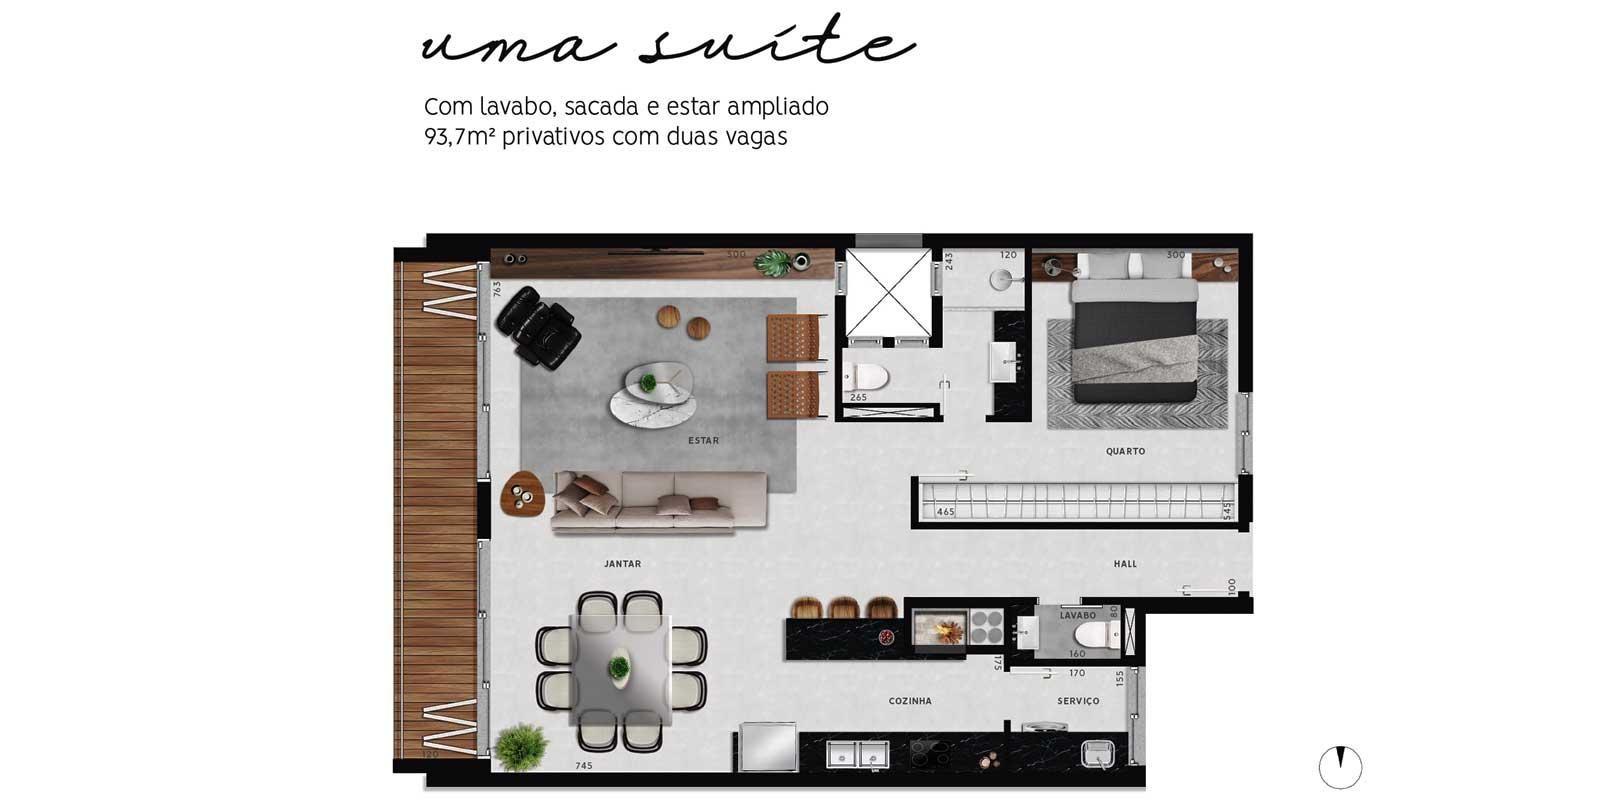 TPS Imóveis - Veja Foto 18 de 20 do Apartamentos com 1 ou 2 suítes com piscina na cobertura